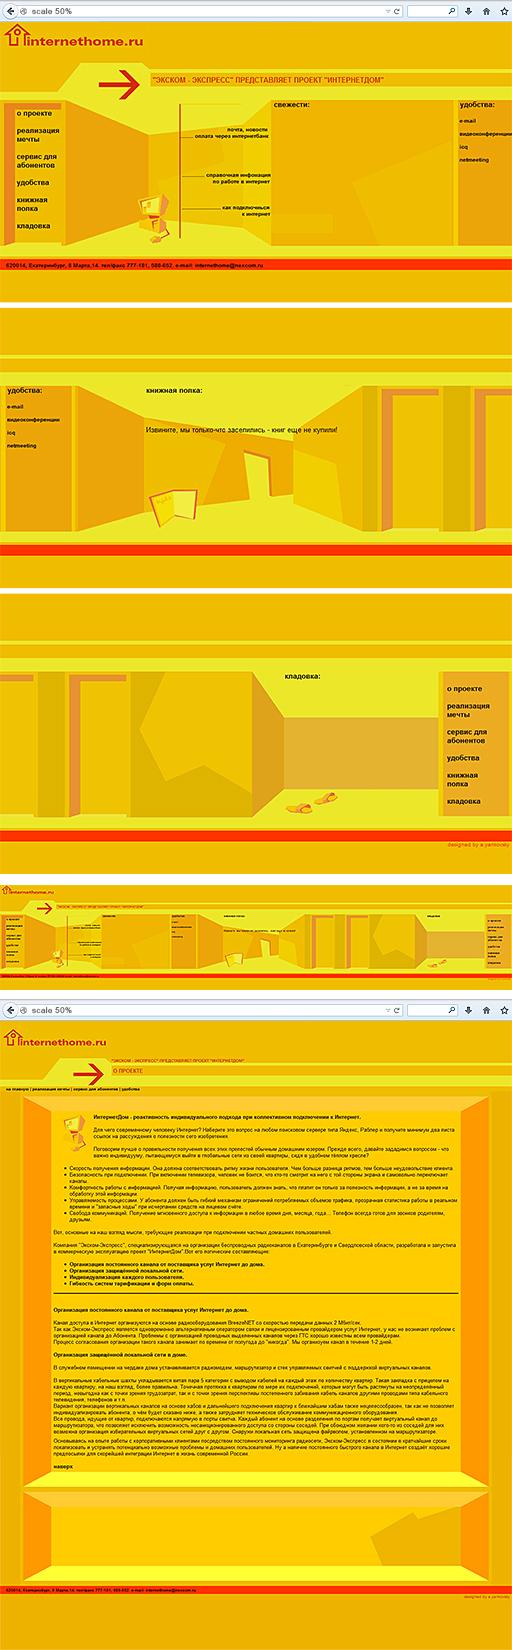 2001 - «Интернетдом» - проект оператора «Экском-экспресс»